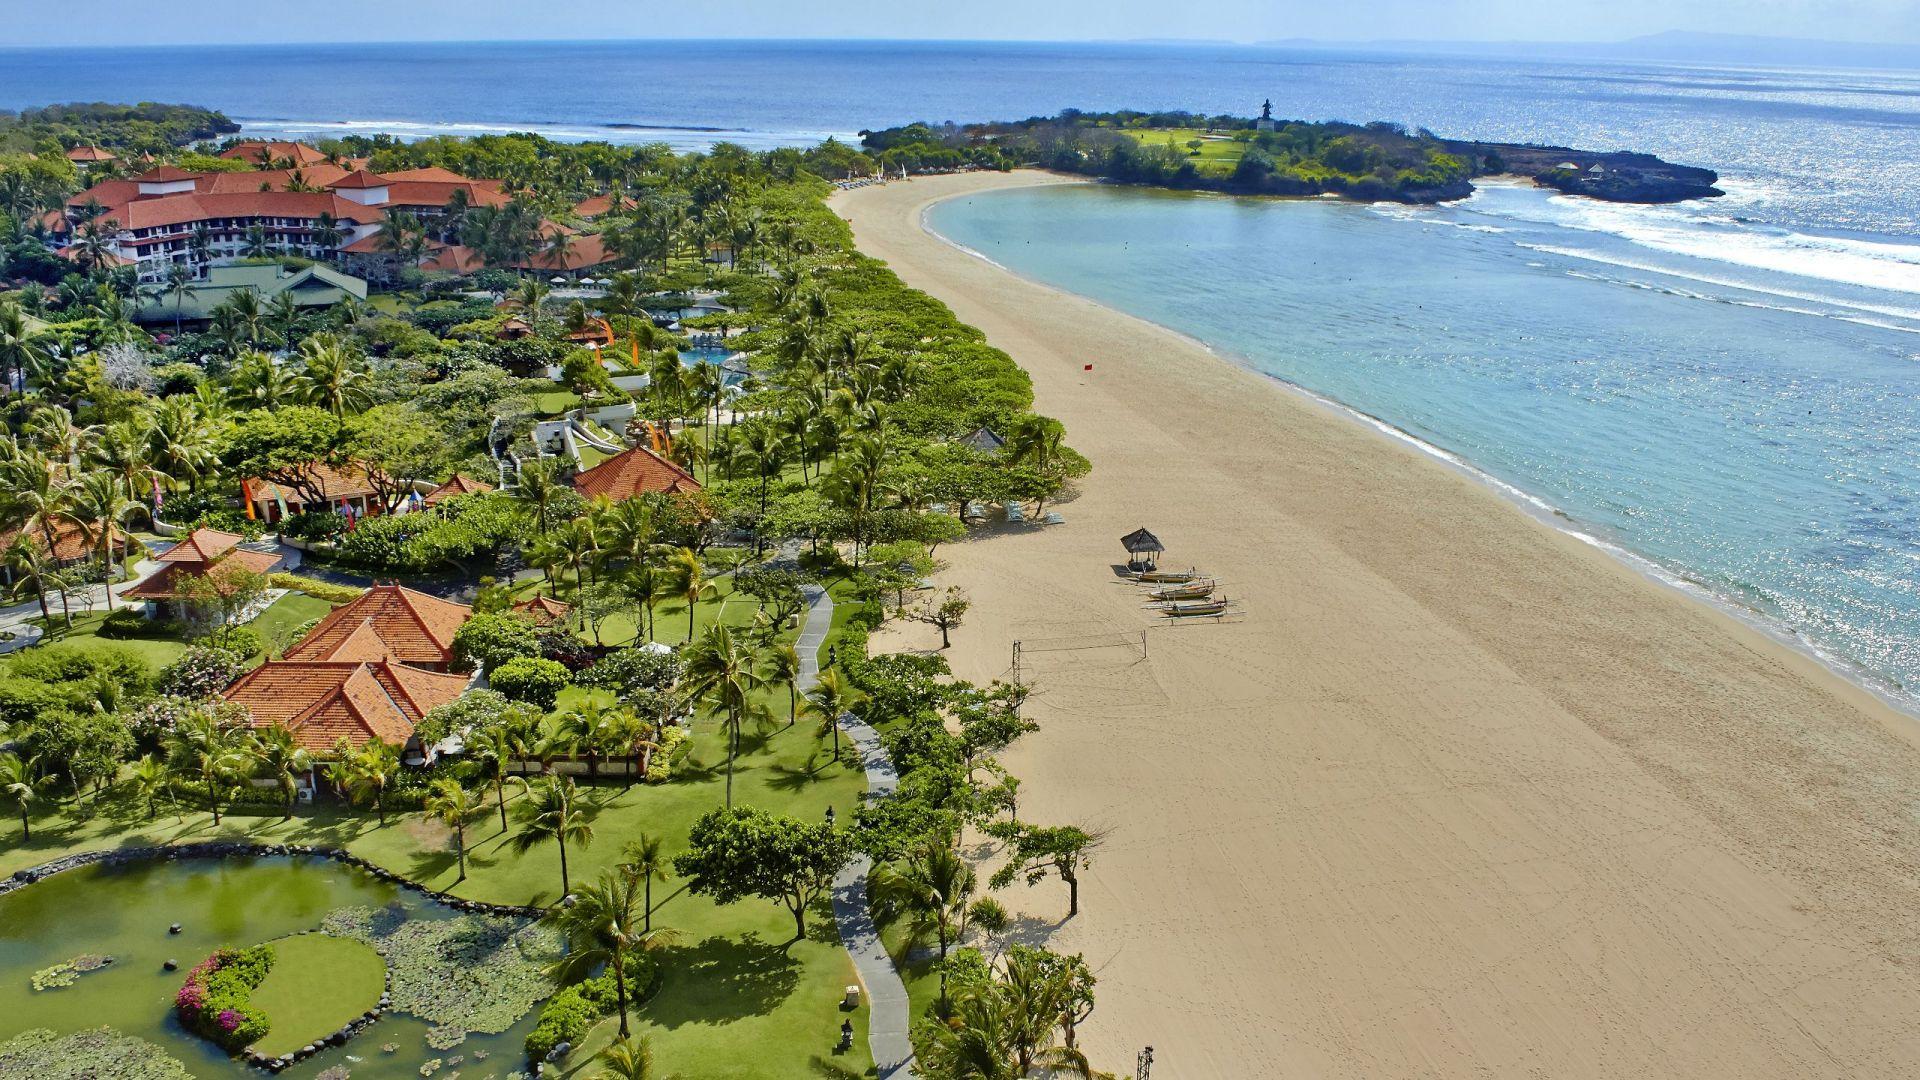 Grand Hyatt Bali Nusa Dua Beach View